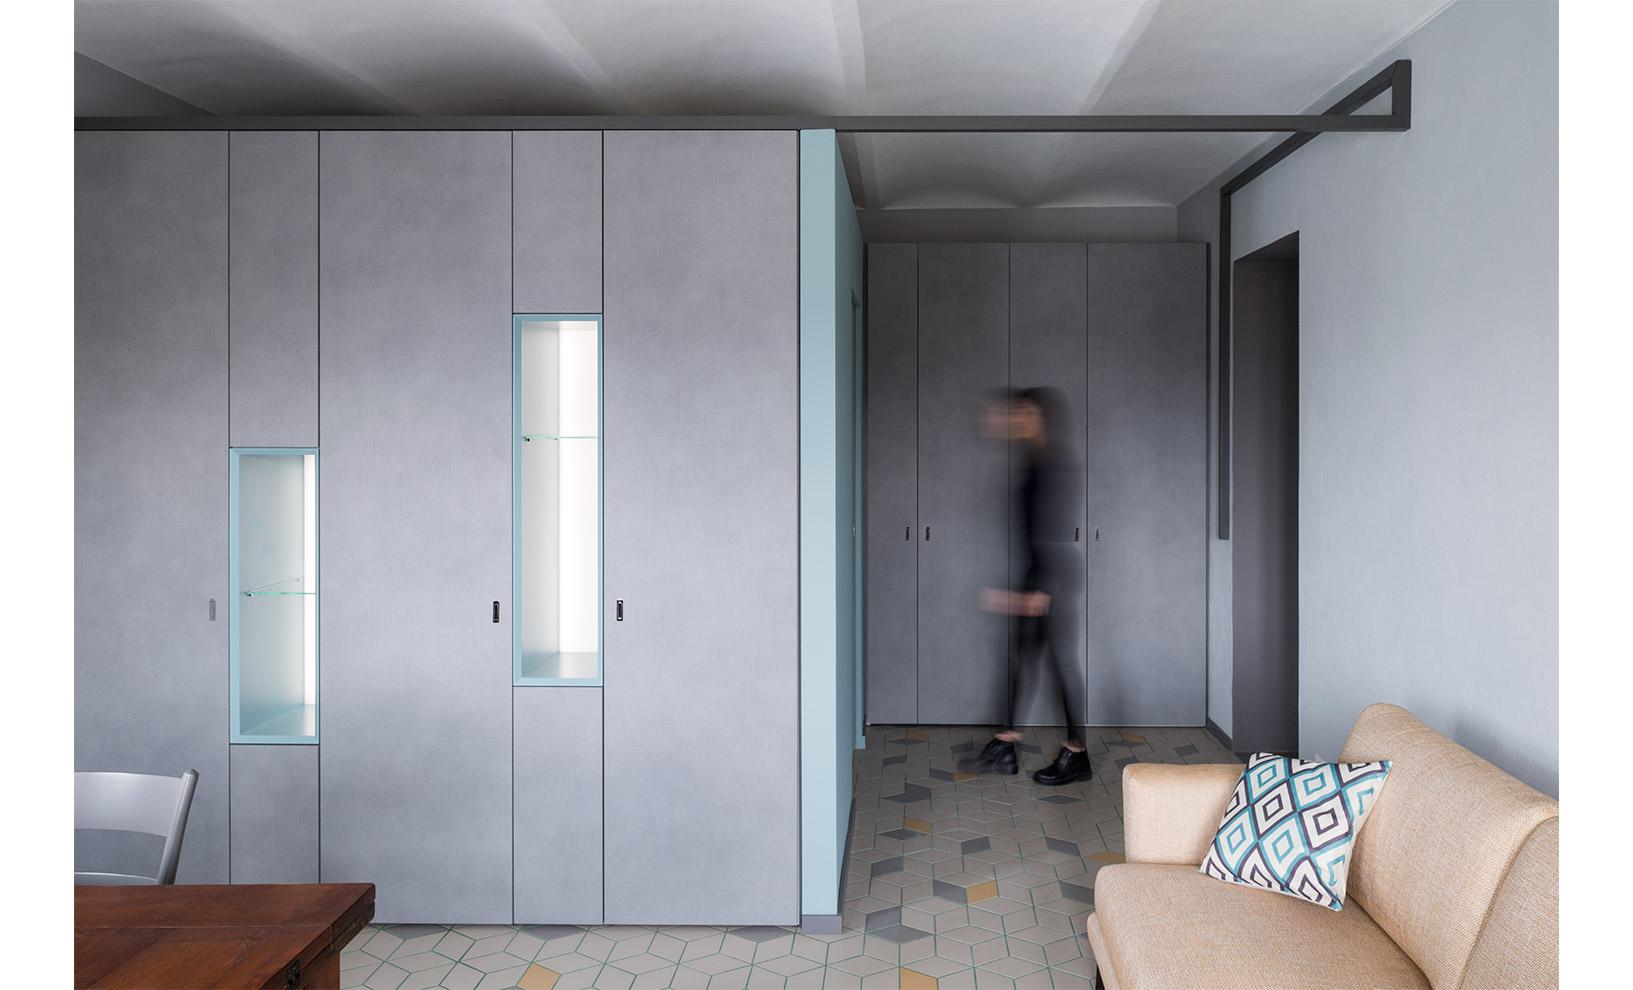 marco-tacchini-fotografo-architettura-antonio-perrone-villa-fc_02